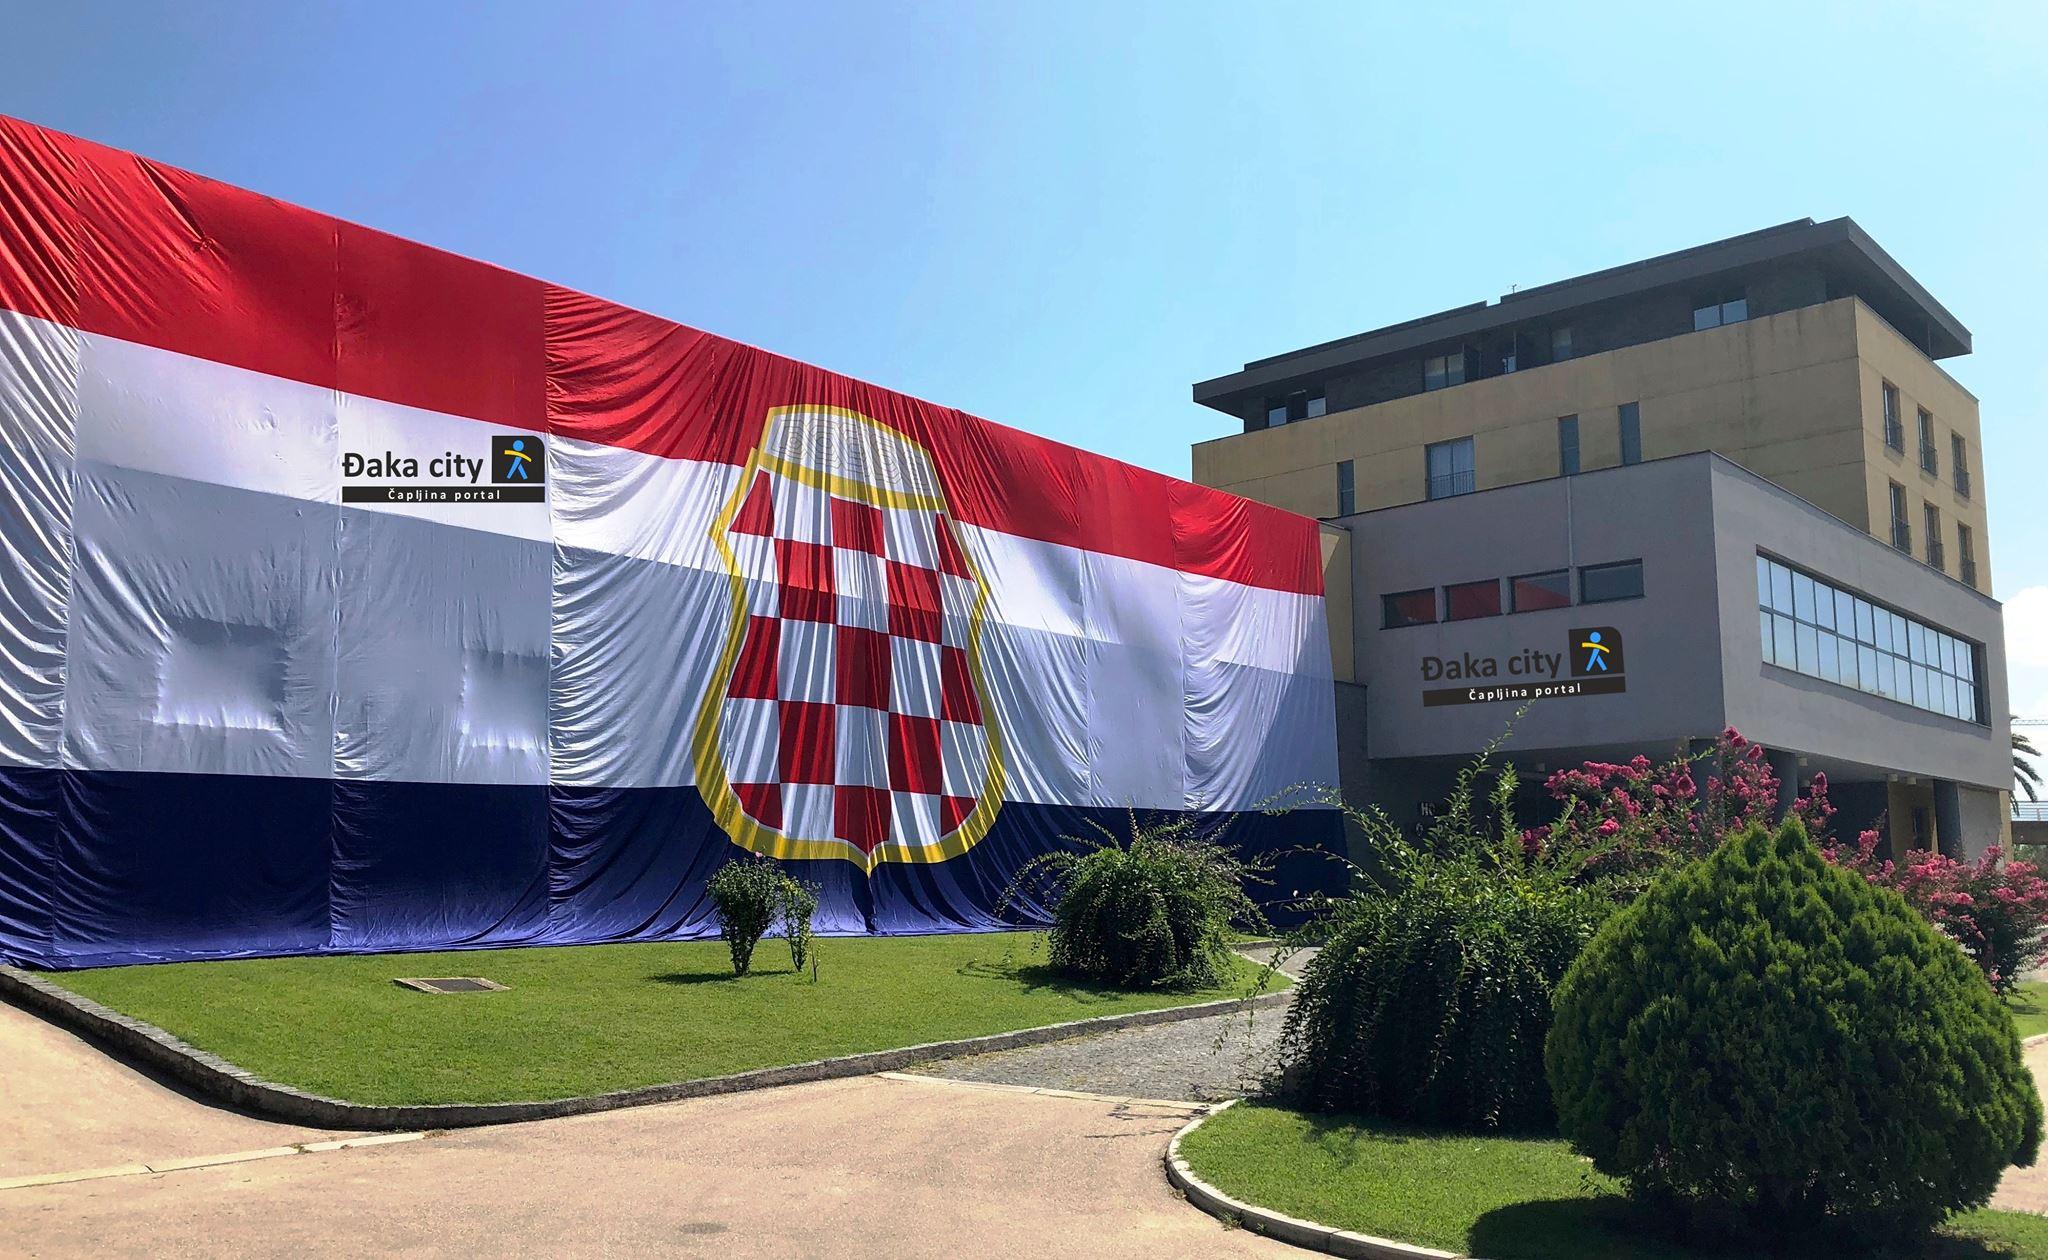 Foto Ogromna Zastava Herceg Bosne U čapljini đaka City